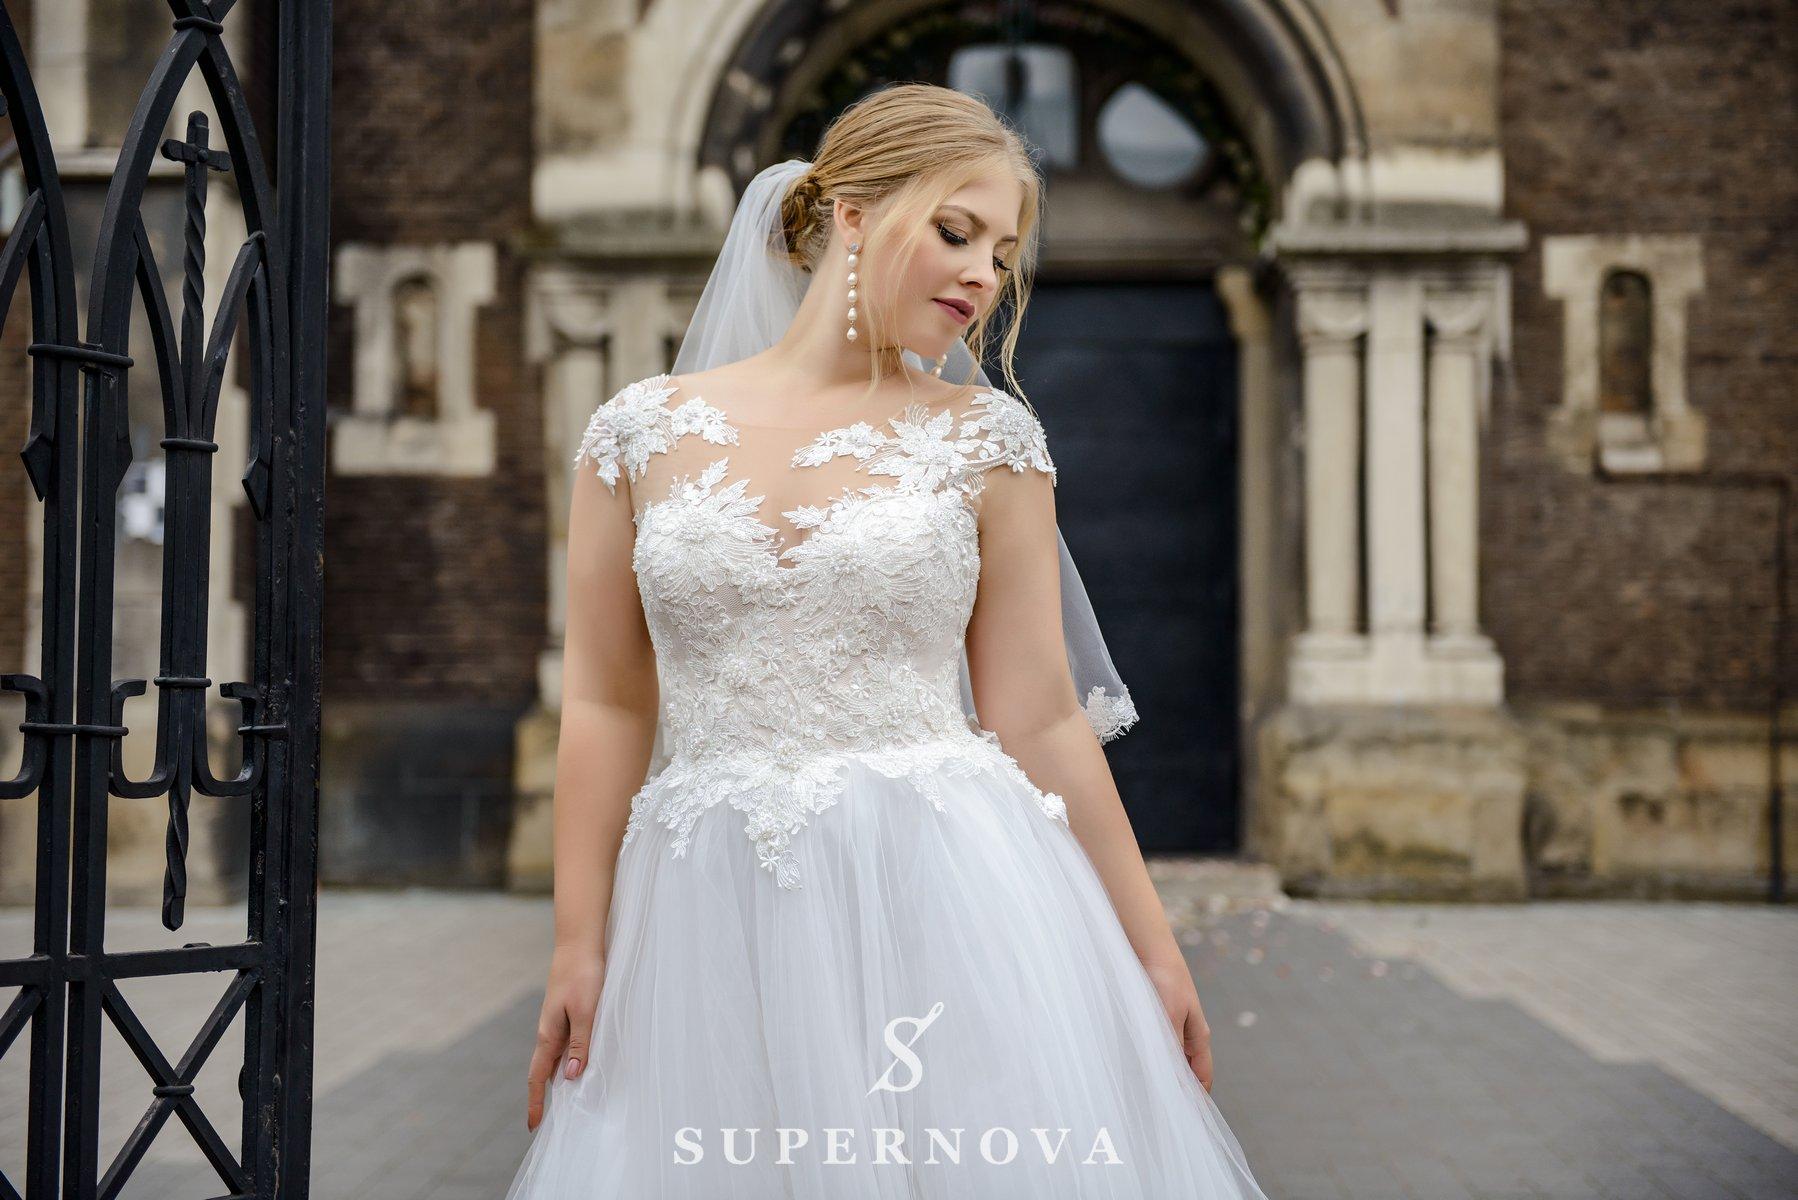 Весільна сукня з пишною спідницею великих розмірів оптом від SuperNova-1